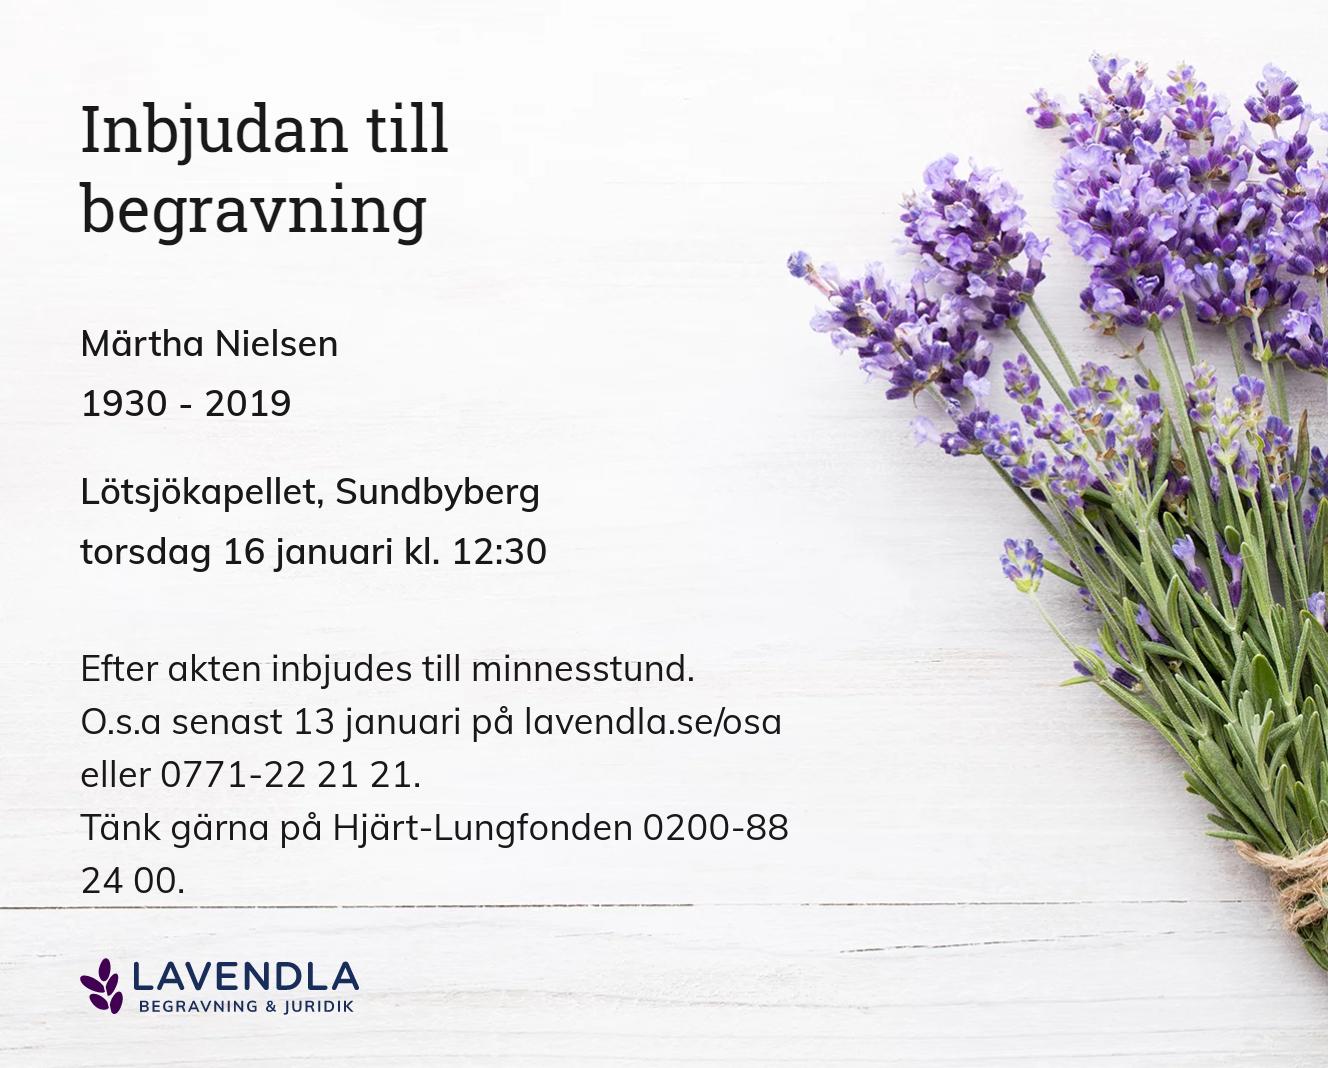 Inbjudningskort till ceremonin för Märtha Nielsen